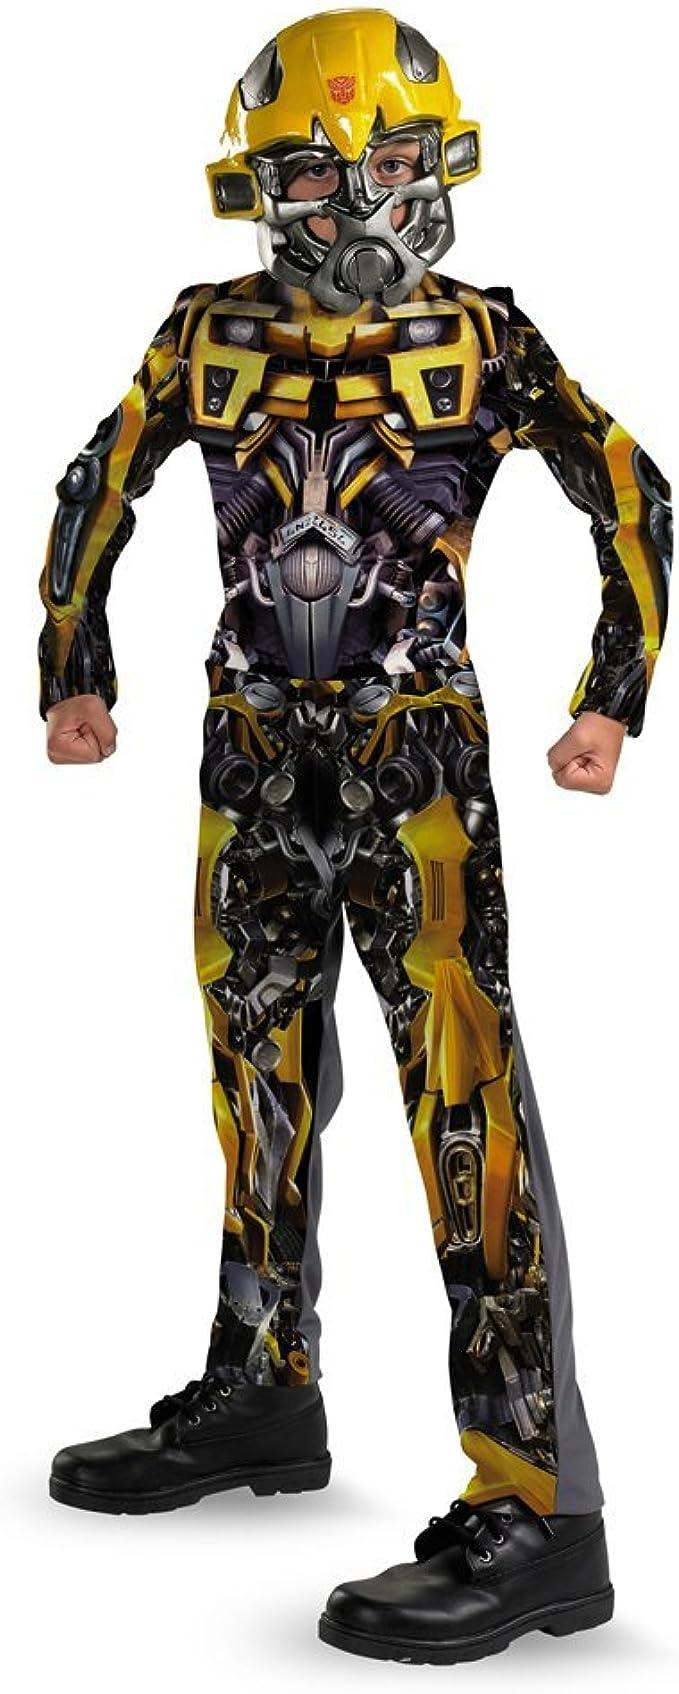 Tama-o Disguise DI50366-S Ni-o Transformers Bumblebee Costume ...